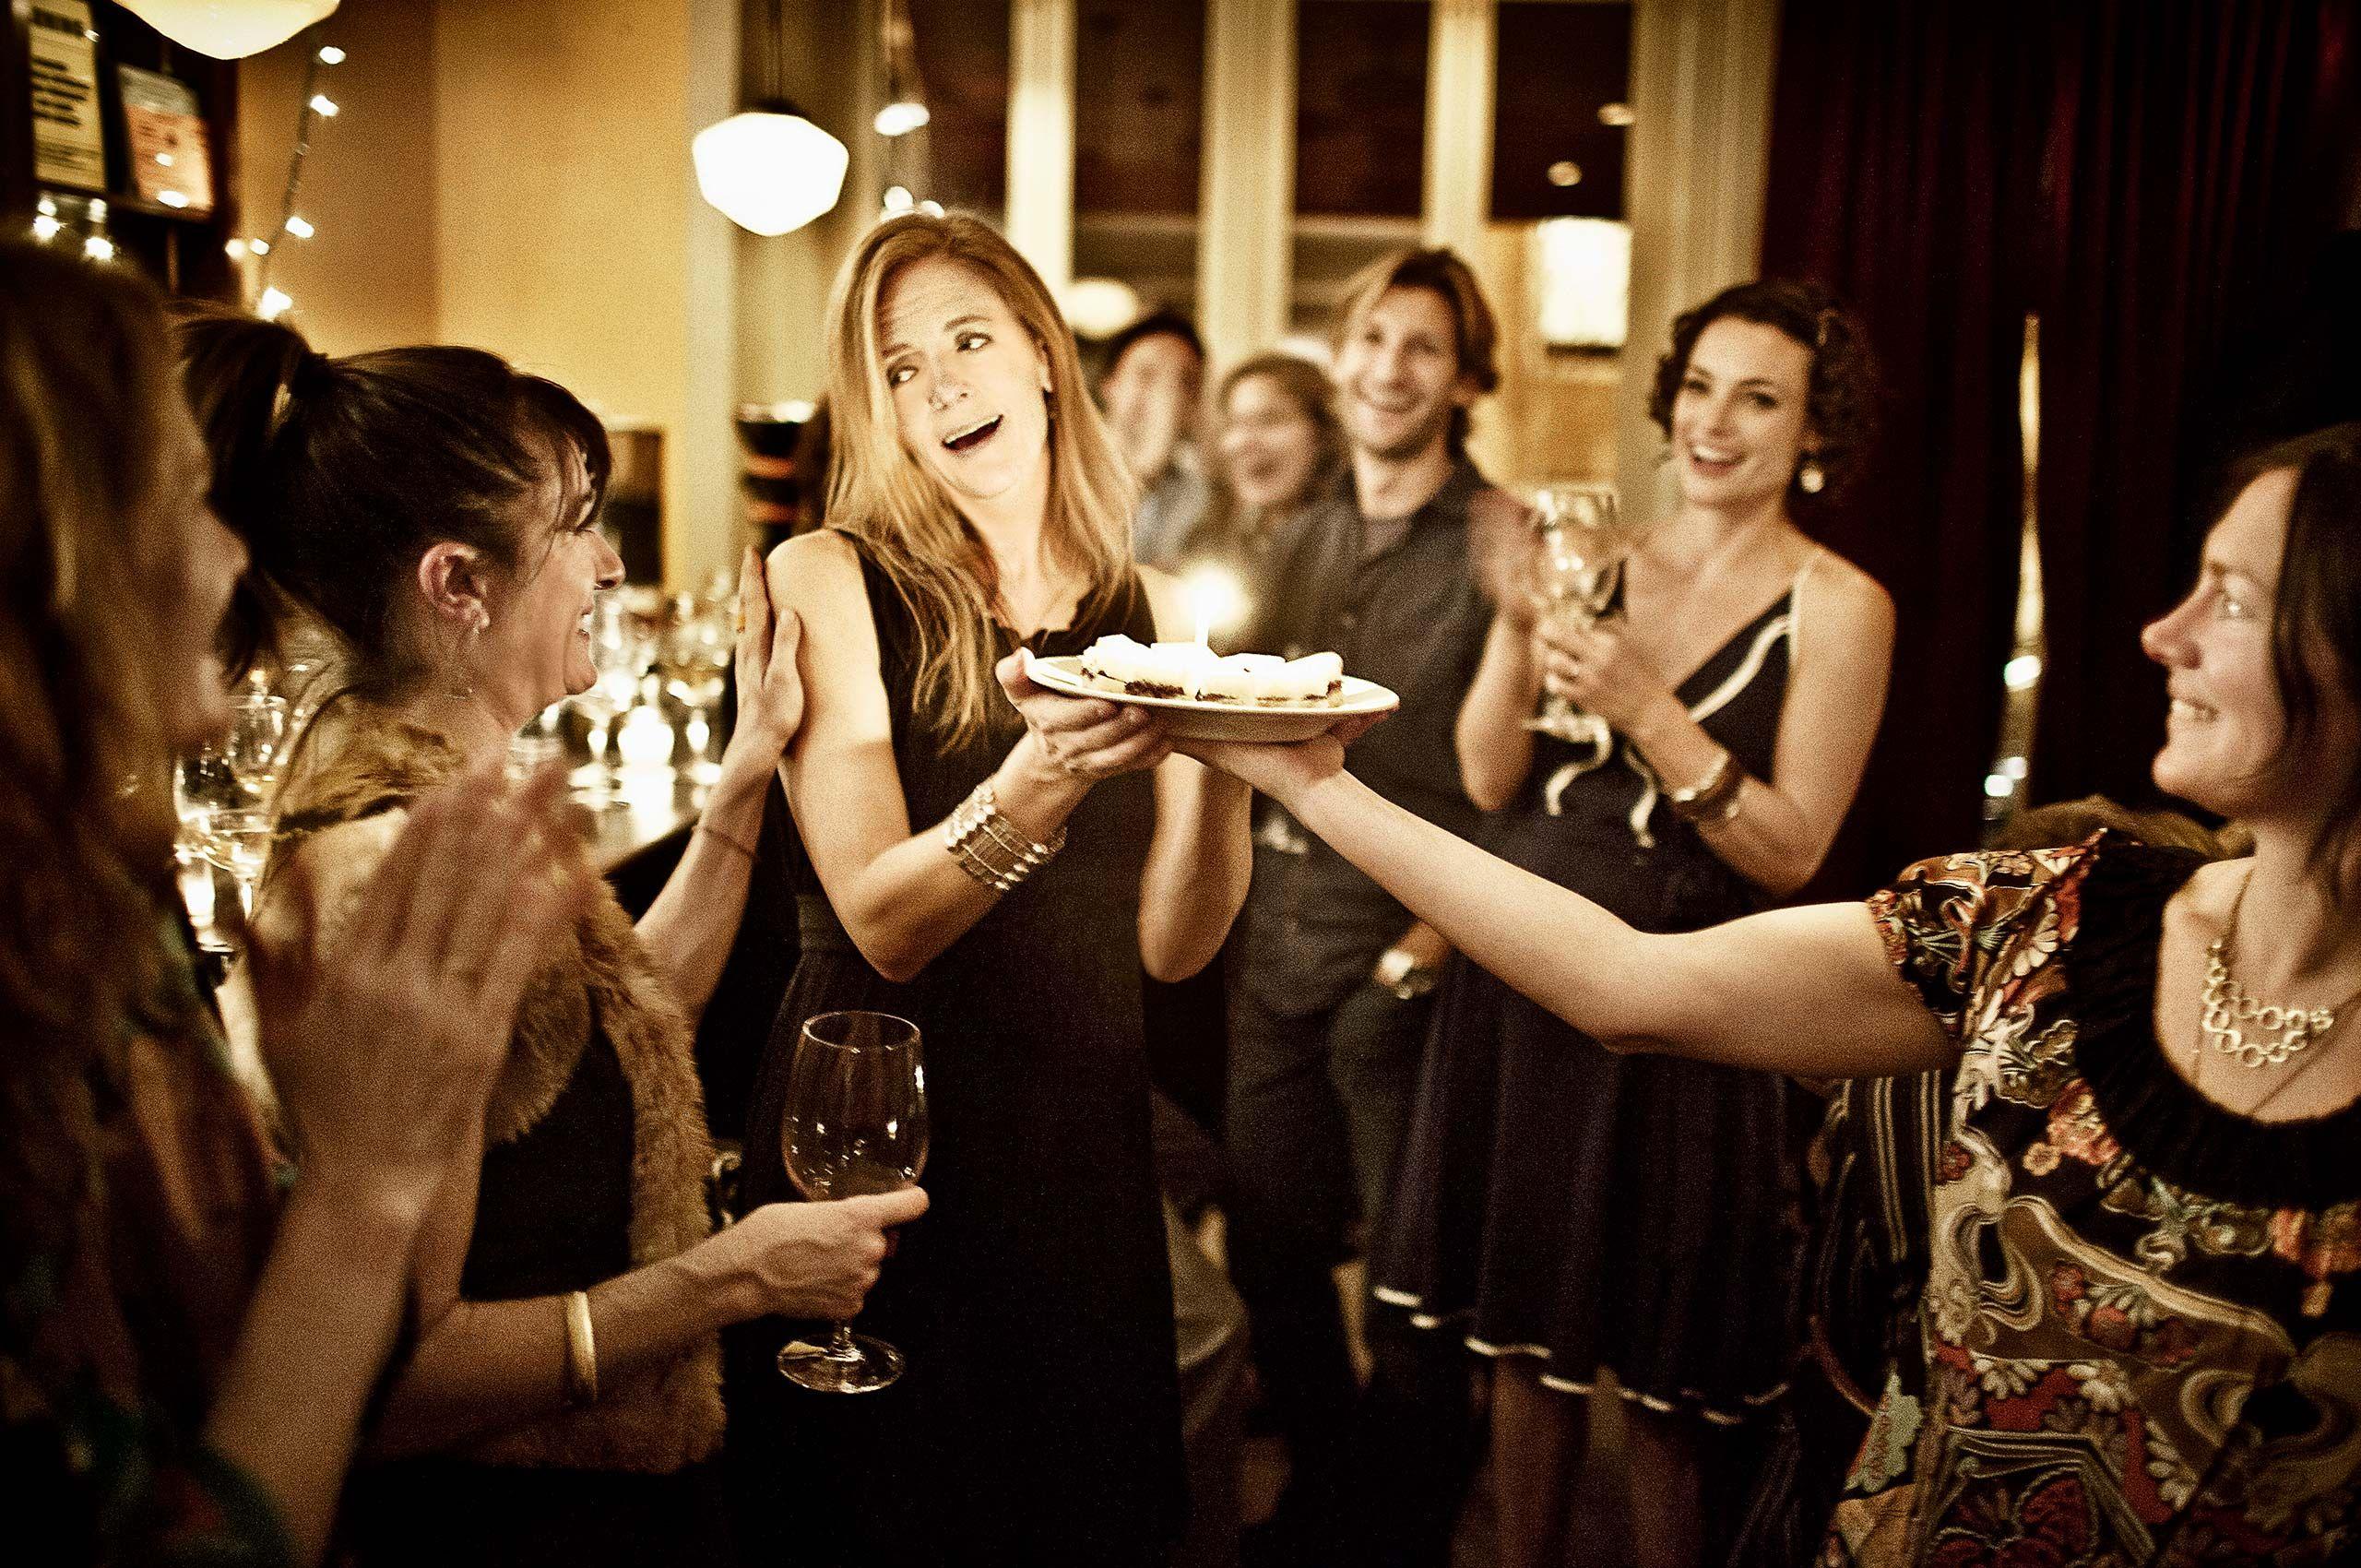 birthday-HenrikOlundPhotography.jpg